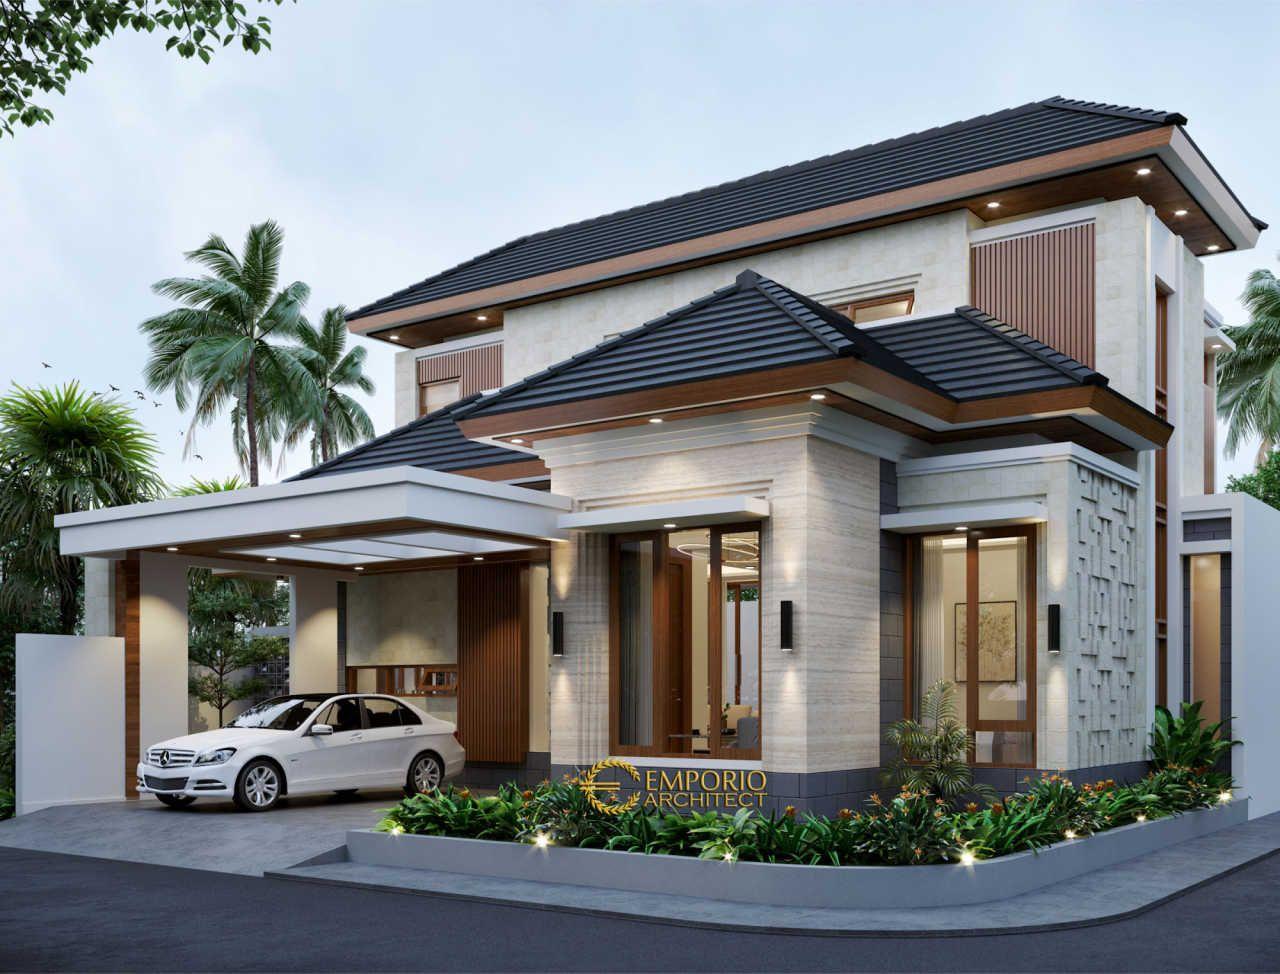 Desain Rumah Modern 2 Lantai Ibu Frieza Di Jakarta Jasa Arsitek Desain Rumah Berkualitas Desain Villa Bali Mo Desain Rumah Eksterior Arsitektur Desain Rumah